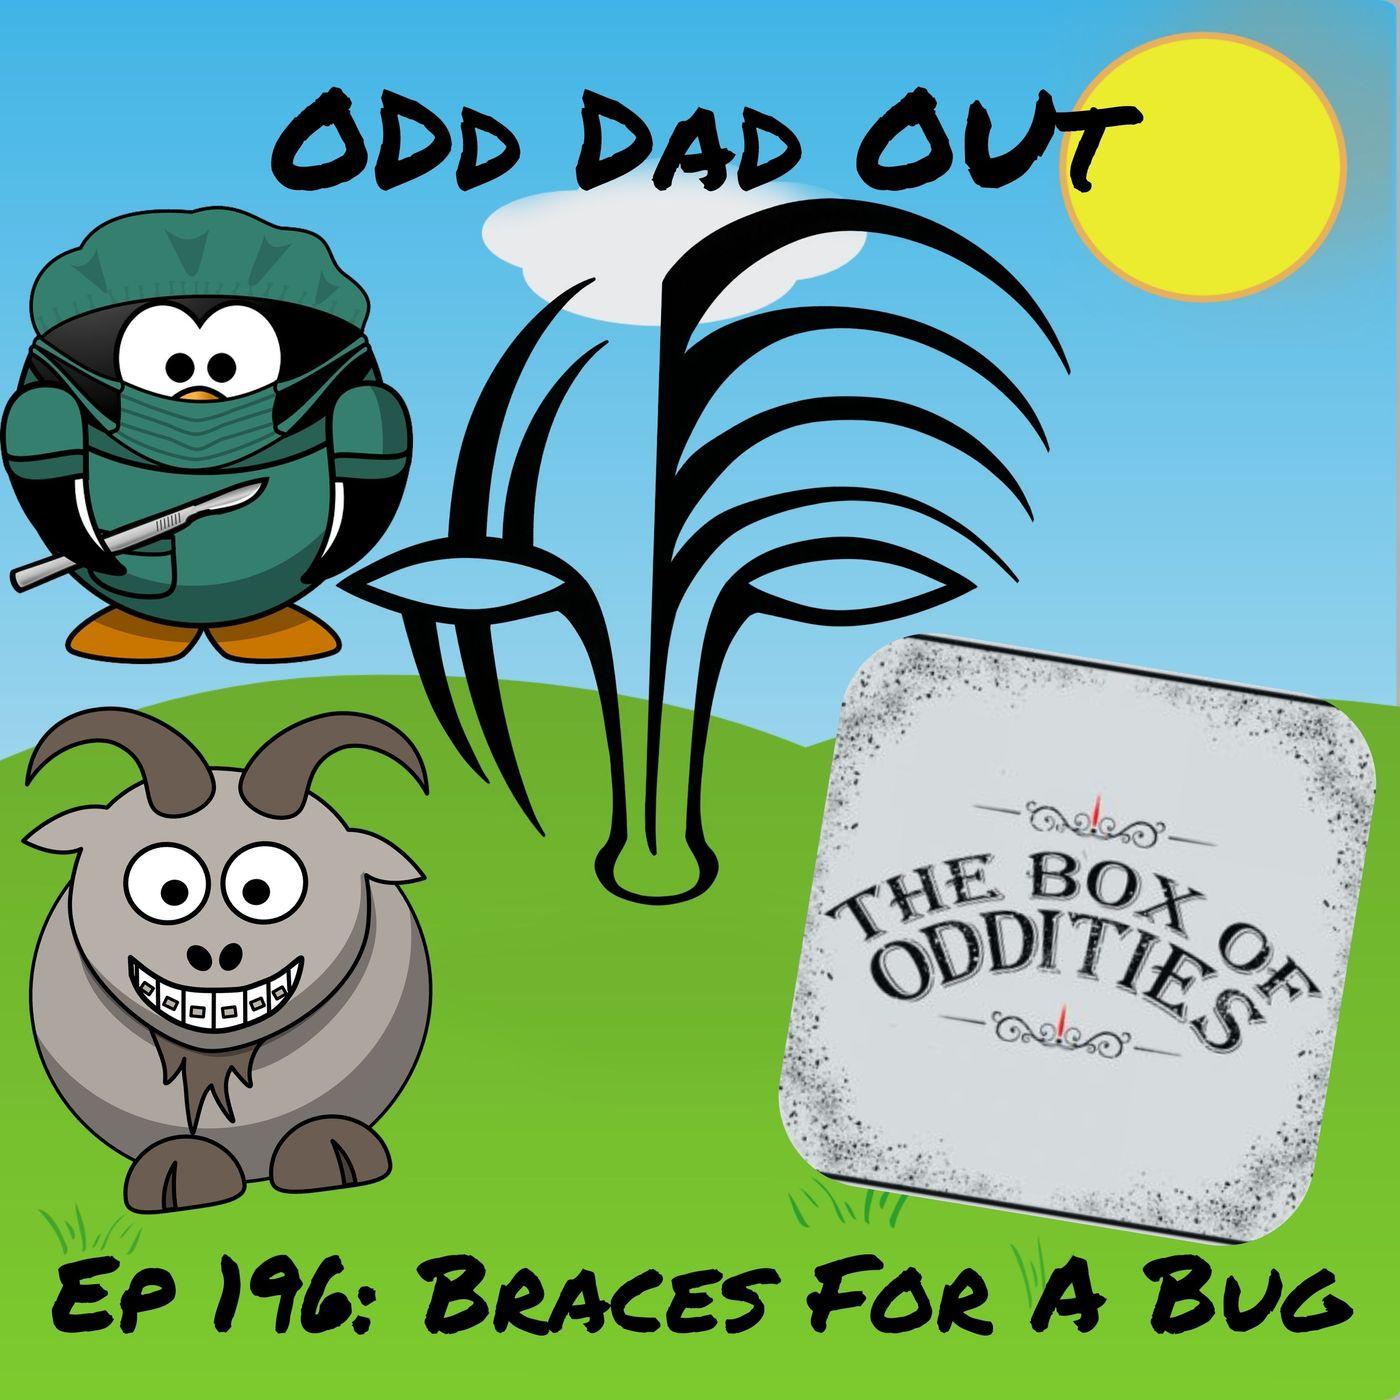 Braces For A Bug: ODO 196